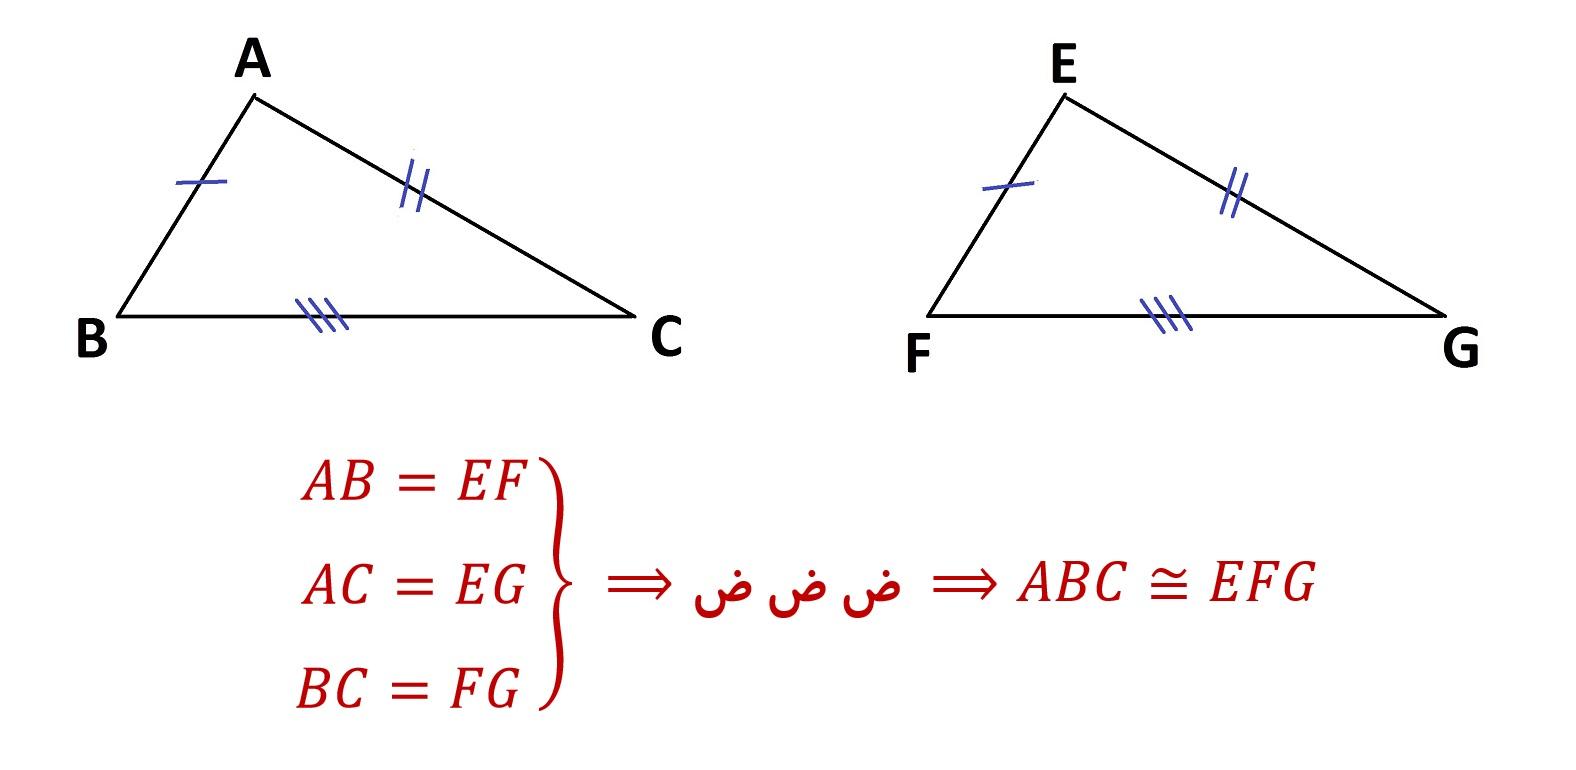 هم نهشتی مثلث ها - حالت برابری سه ضلع - ض ض ض - درس در خانه